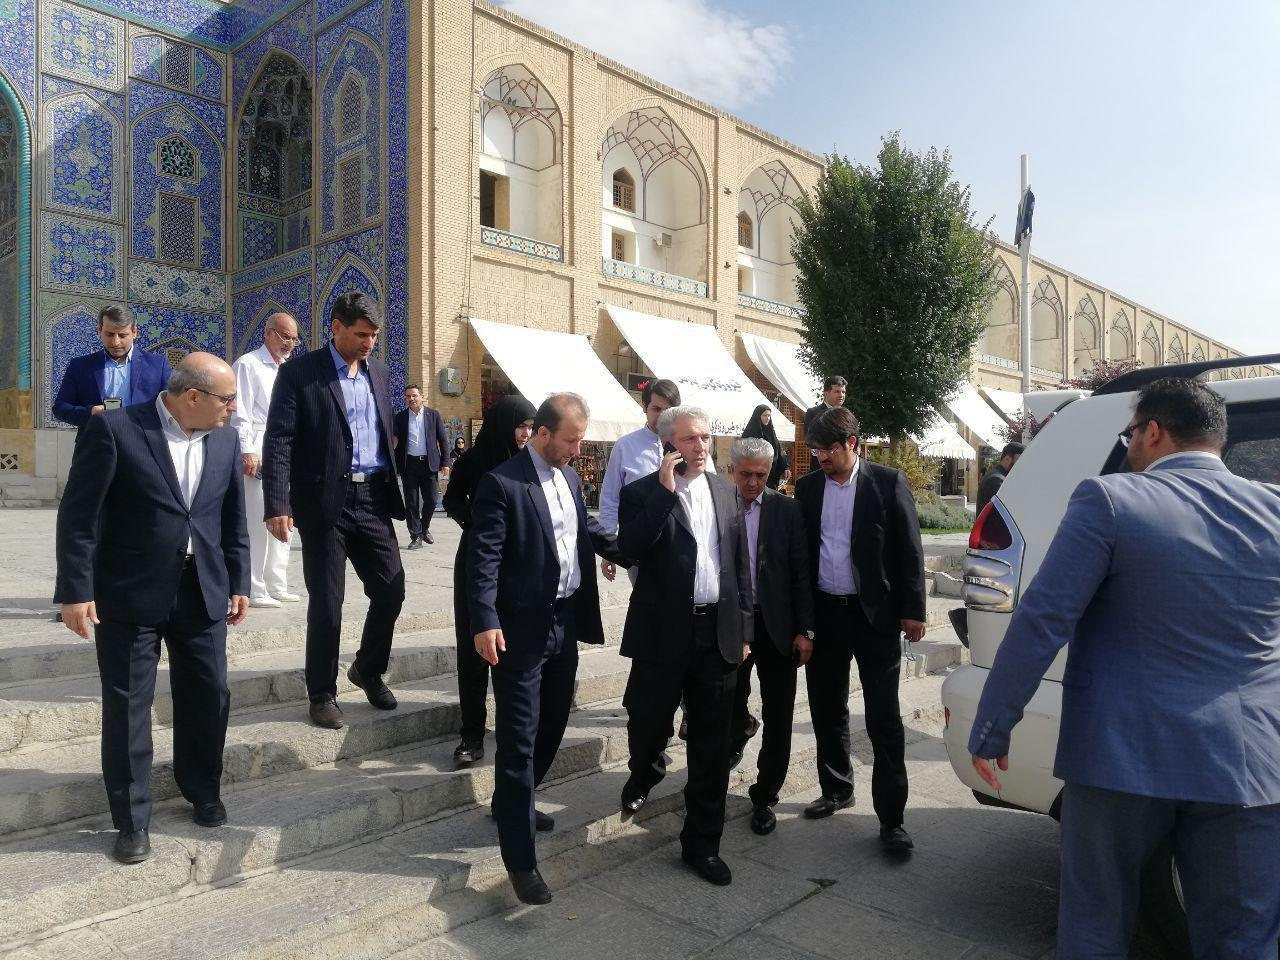 توضیح میراث فرهنگی درباره ورود مونسان با خودرو به میدان نقش جهان اصفهان